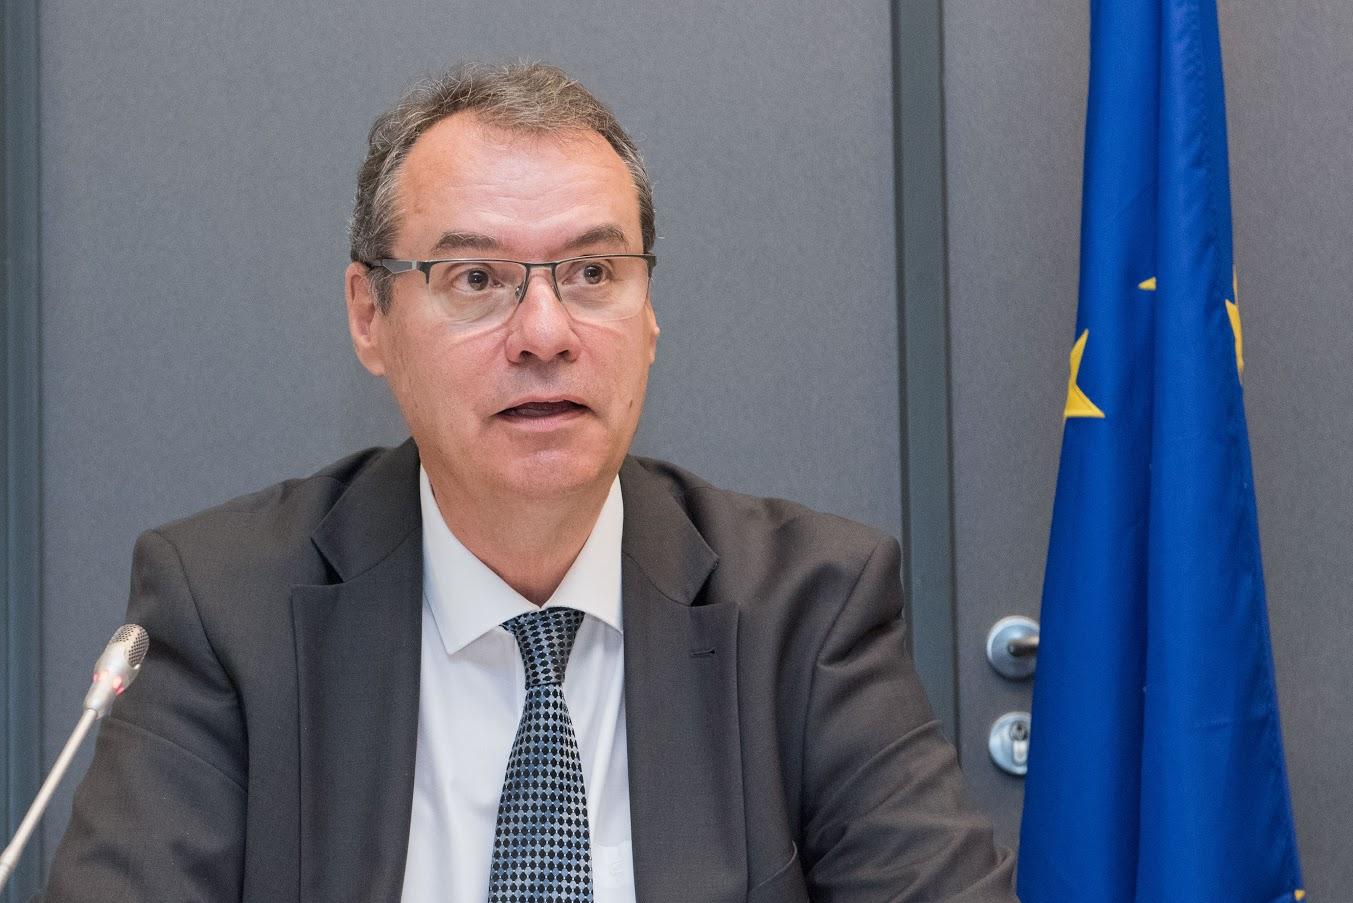 Ville Itälä - Photo credit: European Union 2020, Photographer: Basia Pawlik